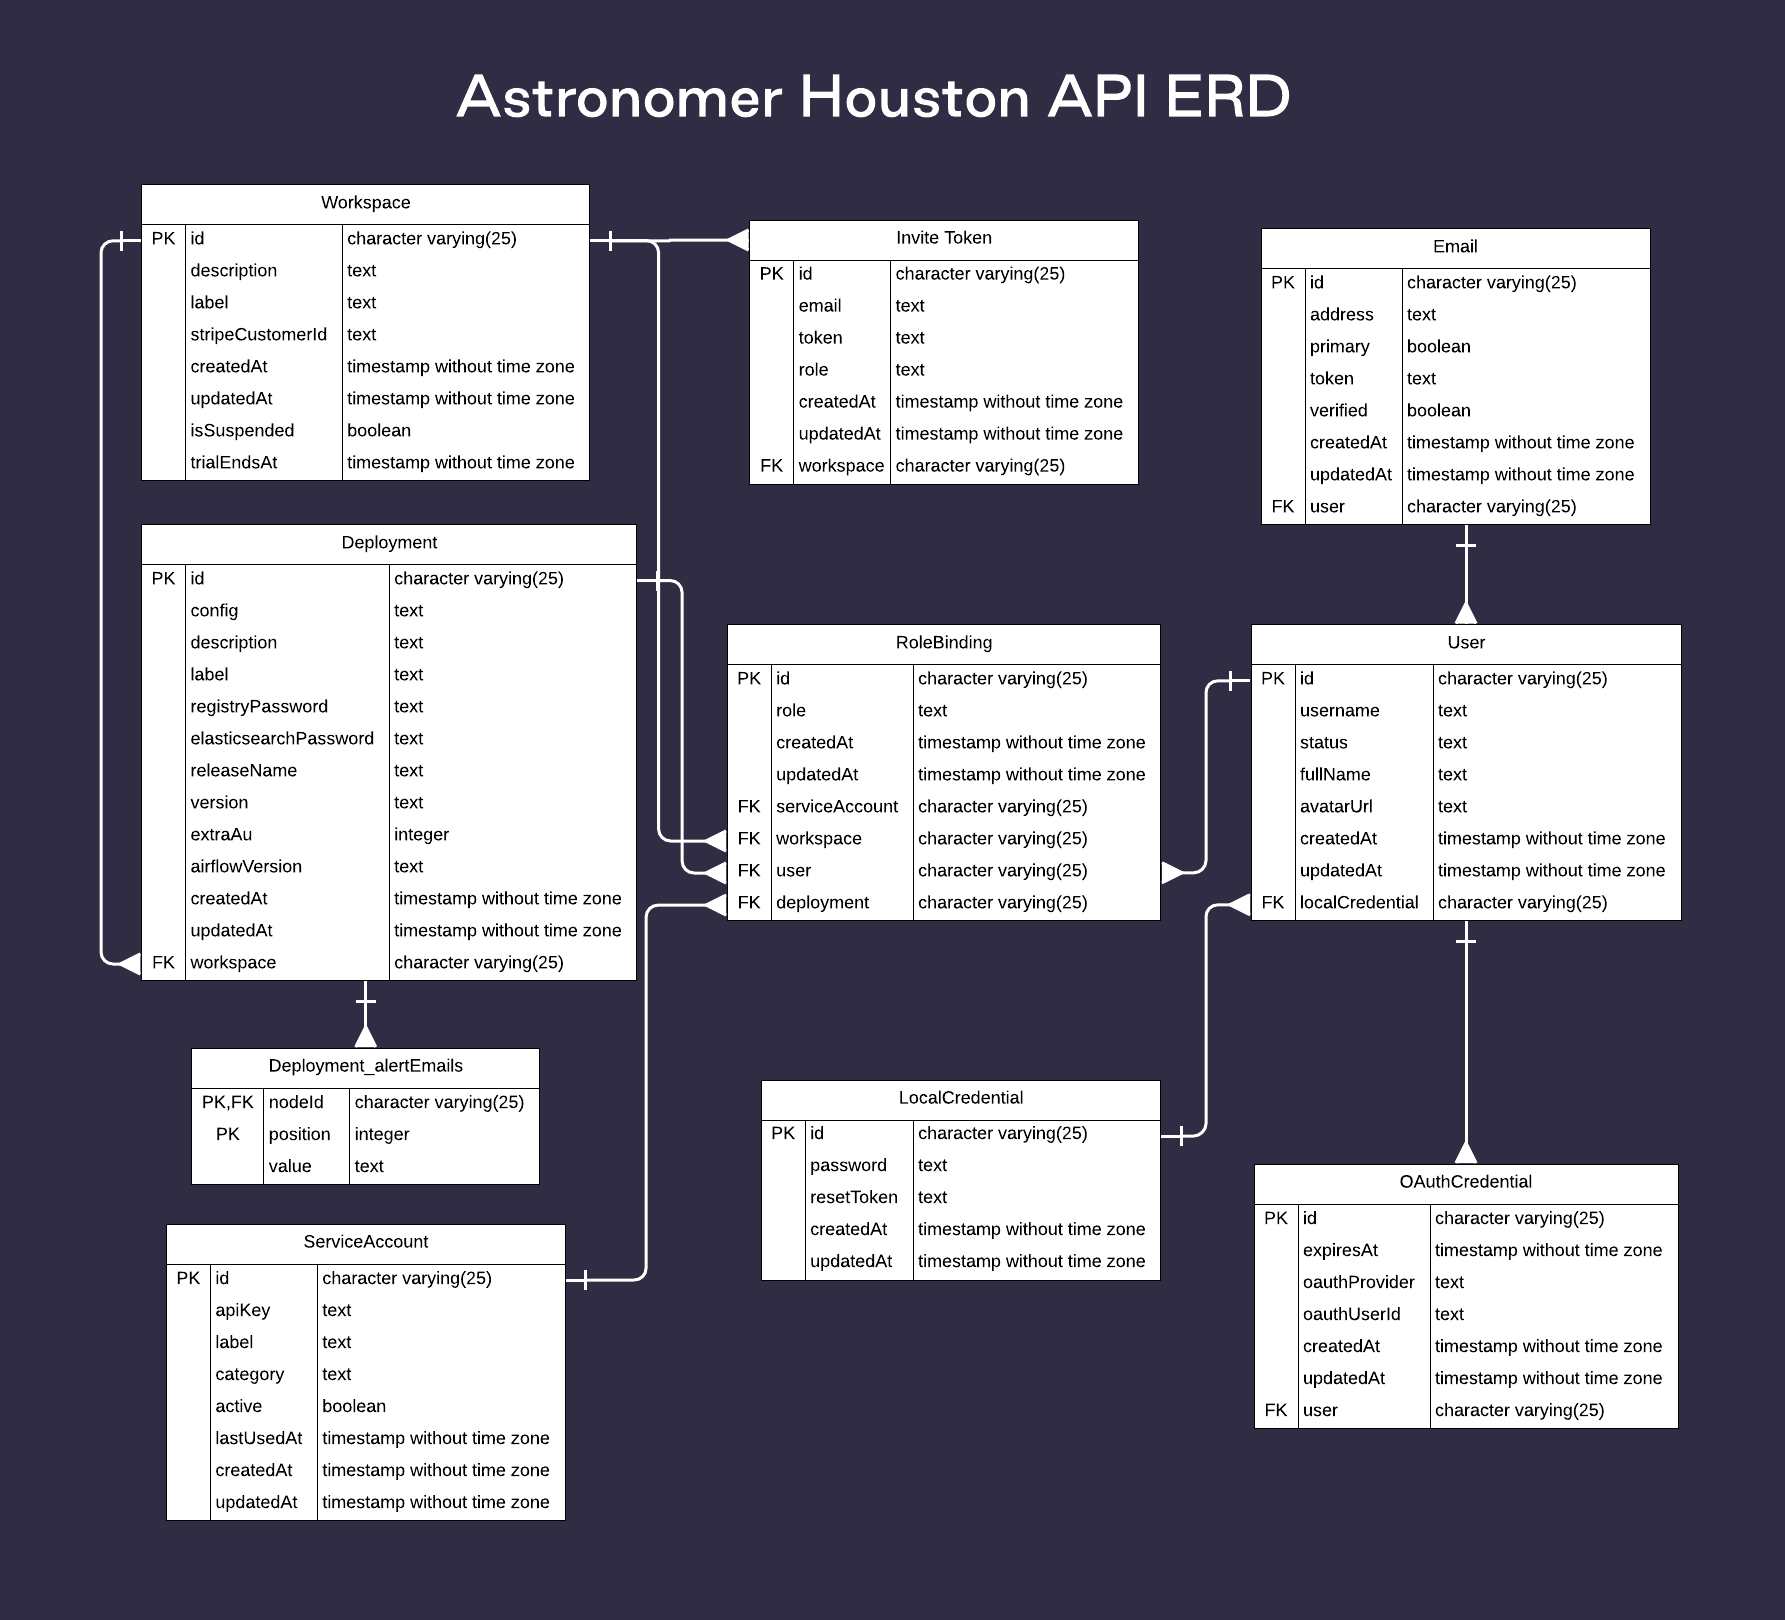 Houston ERD